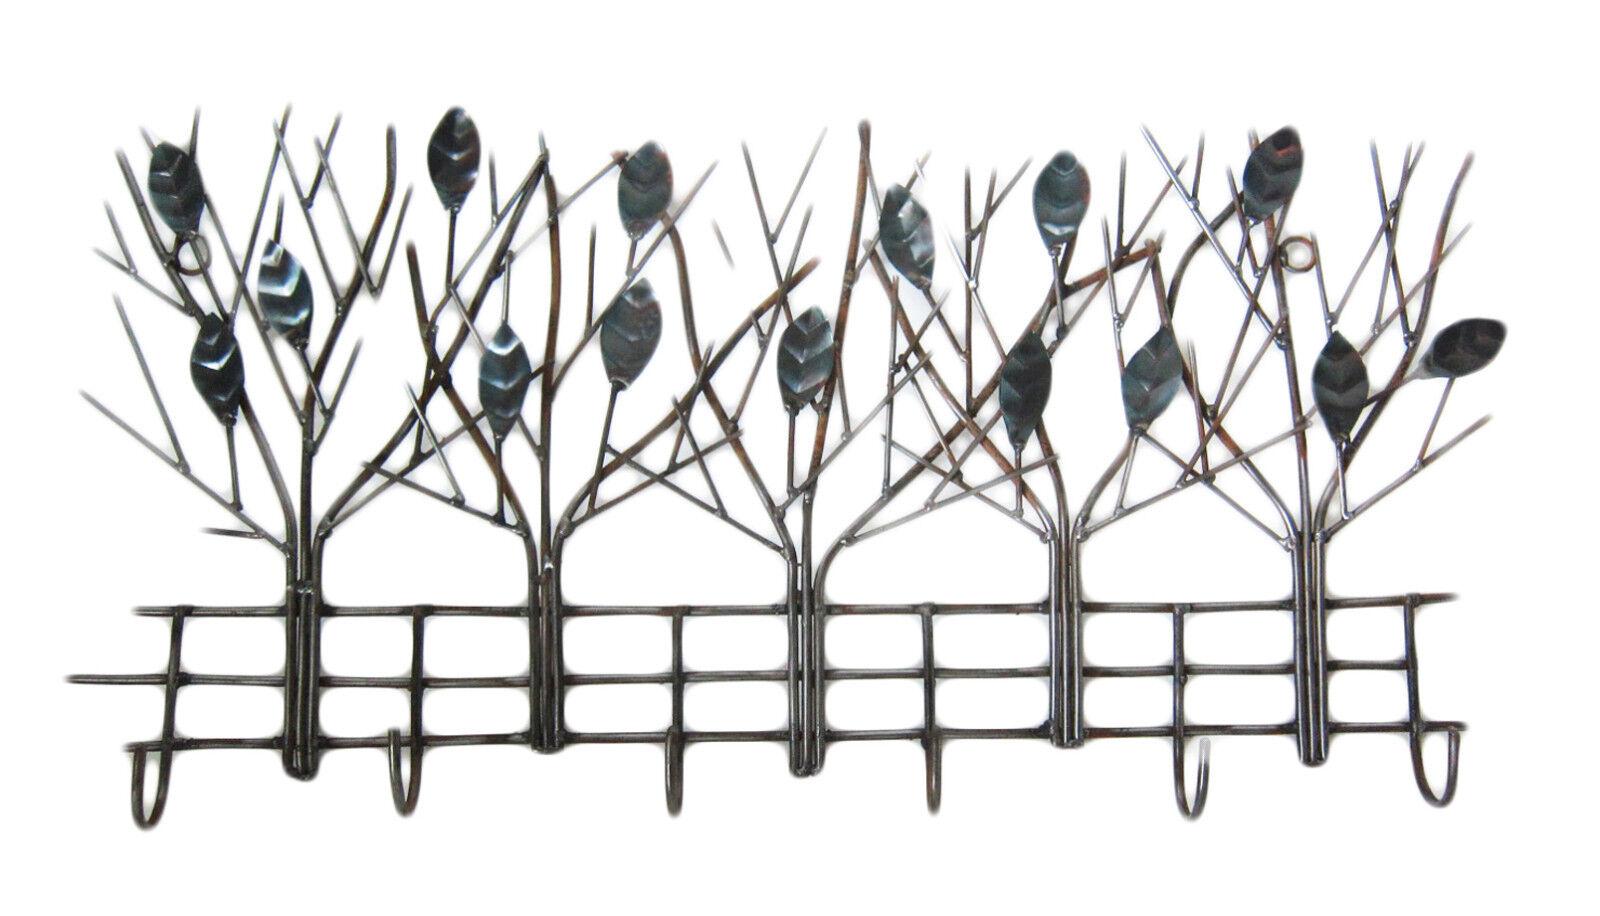 Metall Wandkunst Dekor Skulptur mit 6 6 6 Haken geformt wie Bäume mit Blätter silber | Ideales Geschenk für alle Gelegenheiten  8875a5